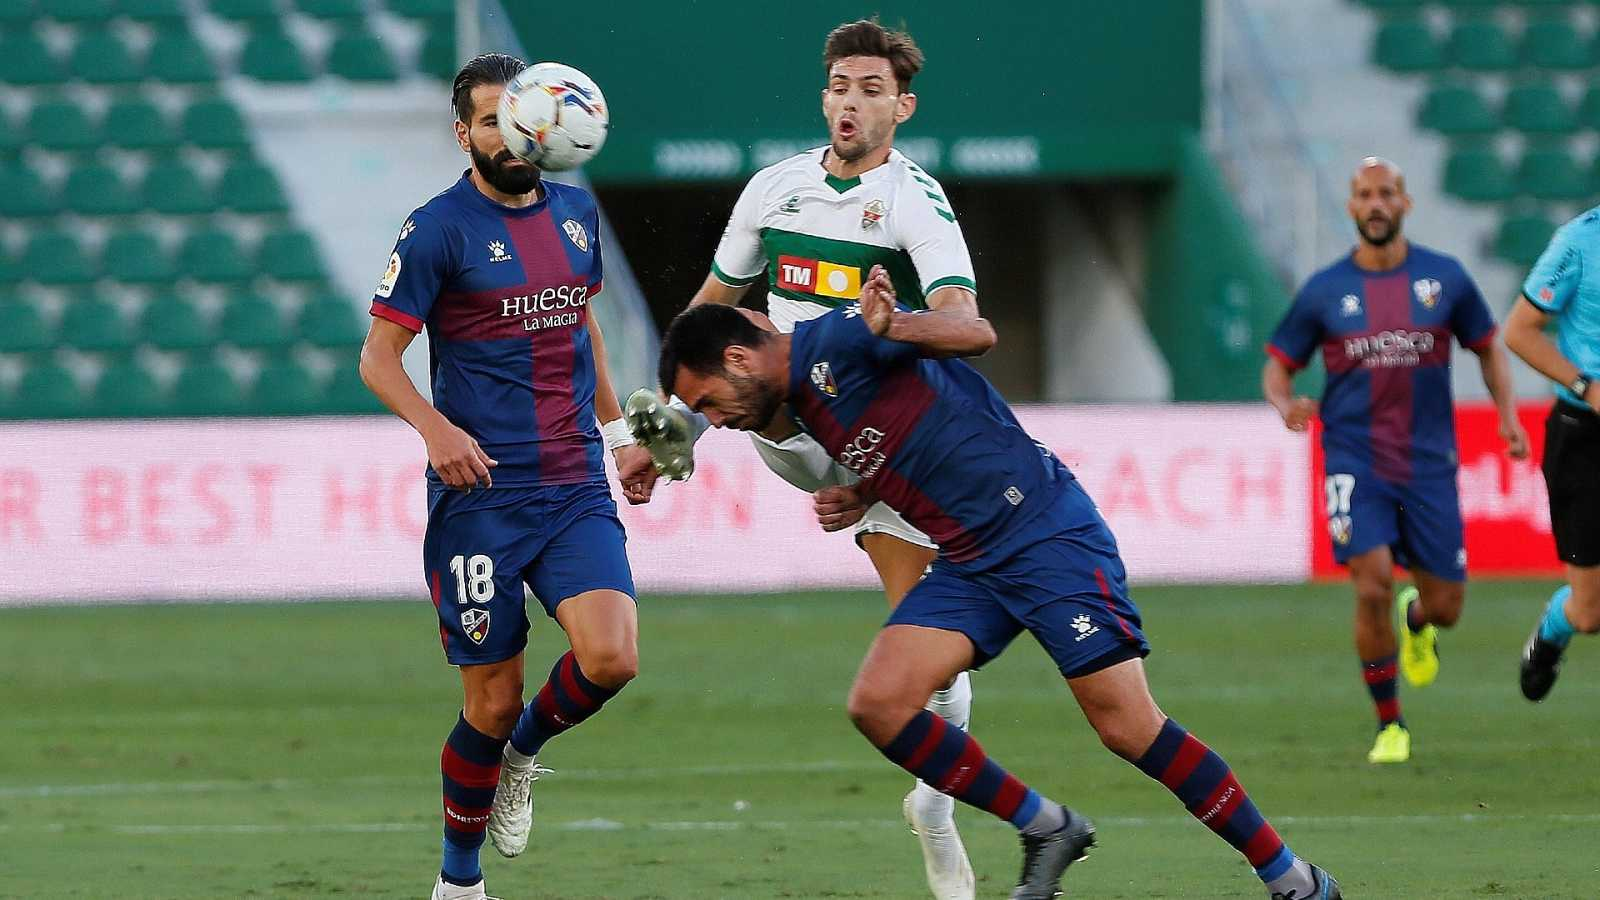 l delantero argentino del Elche Lucas Boyé (c) pelea un balón con el defensa del Huesca Pablo Insua